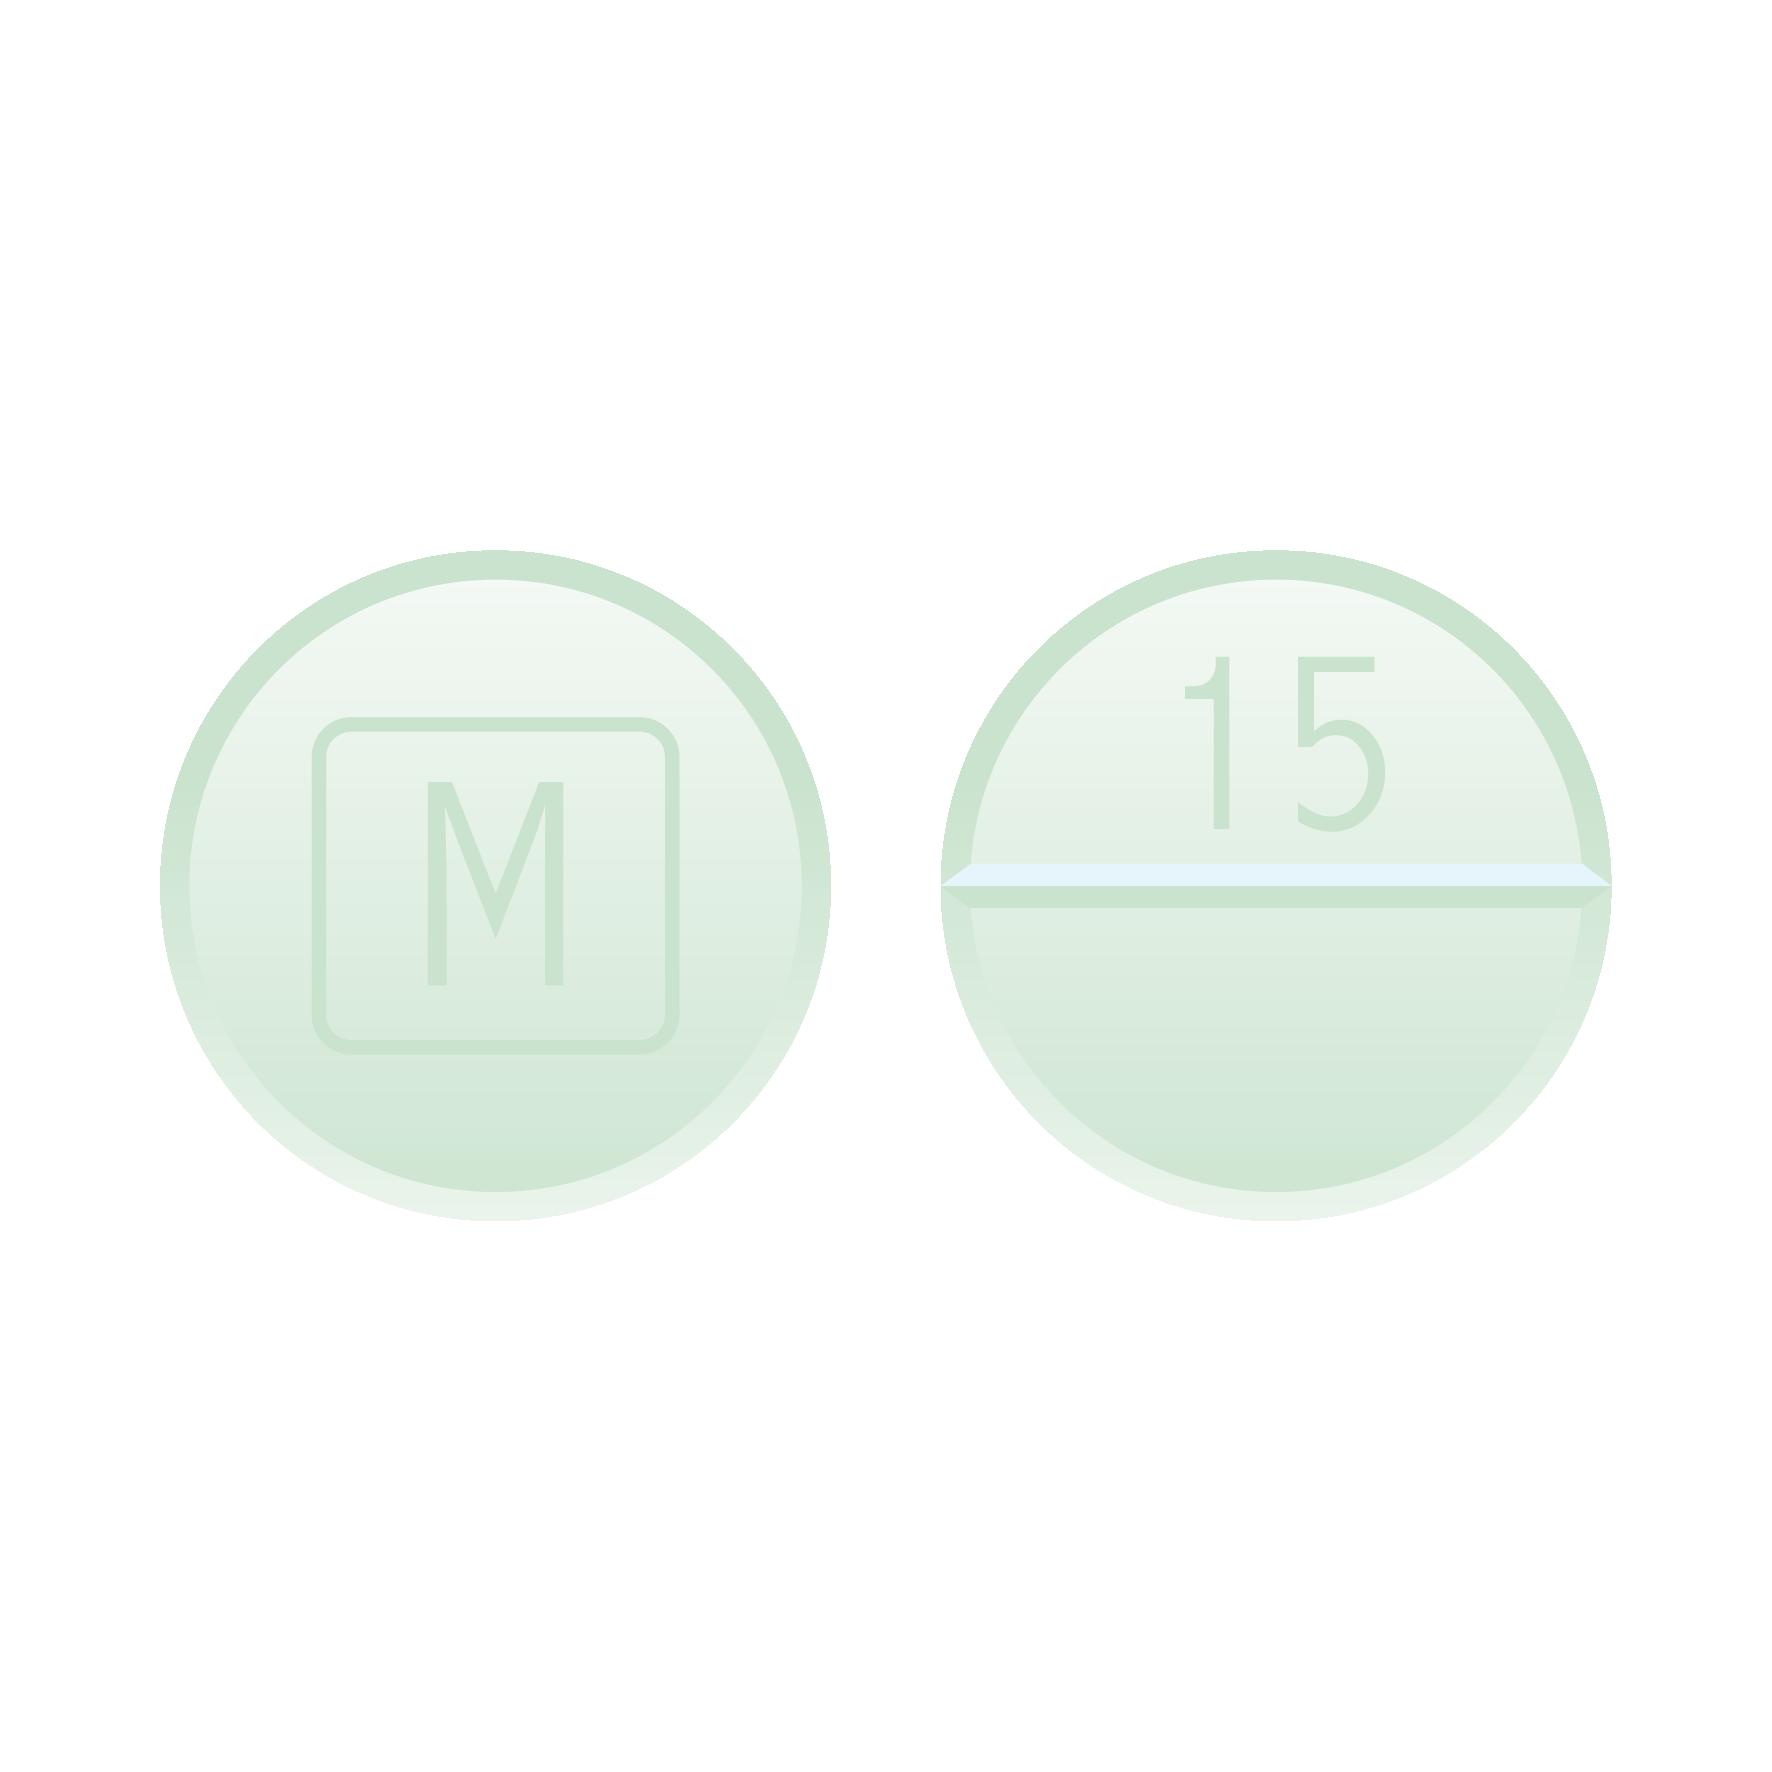 Morphine 15